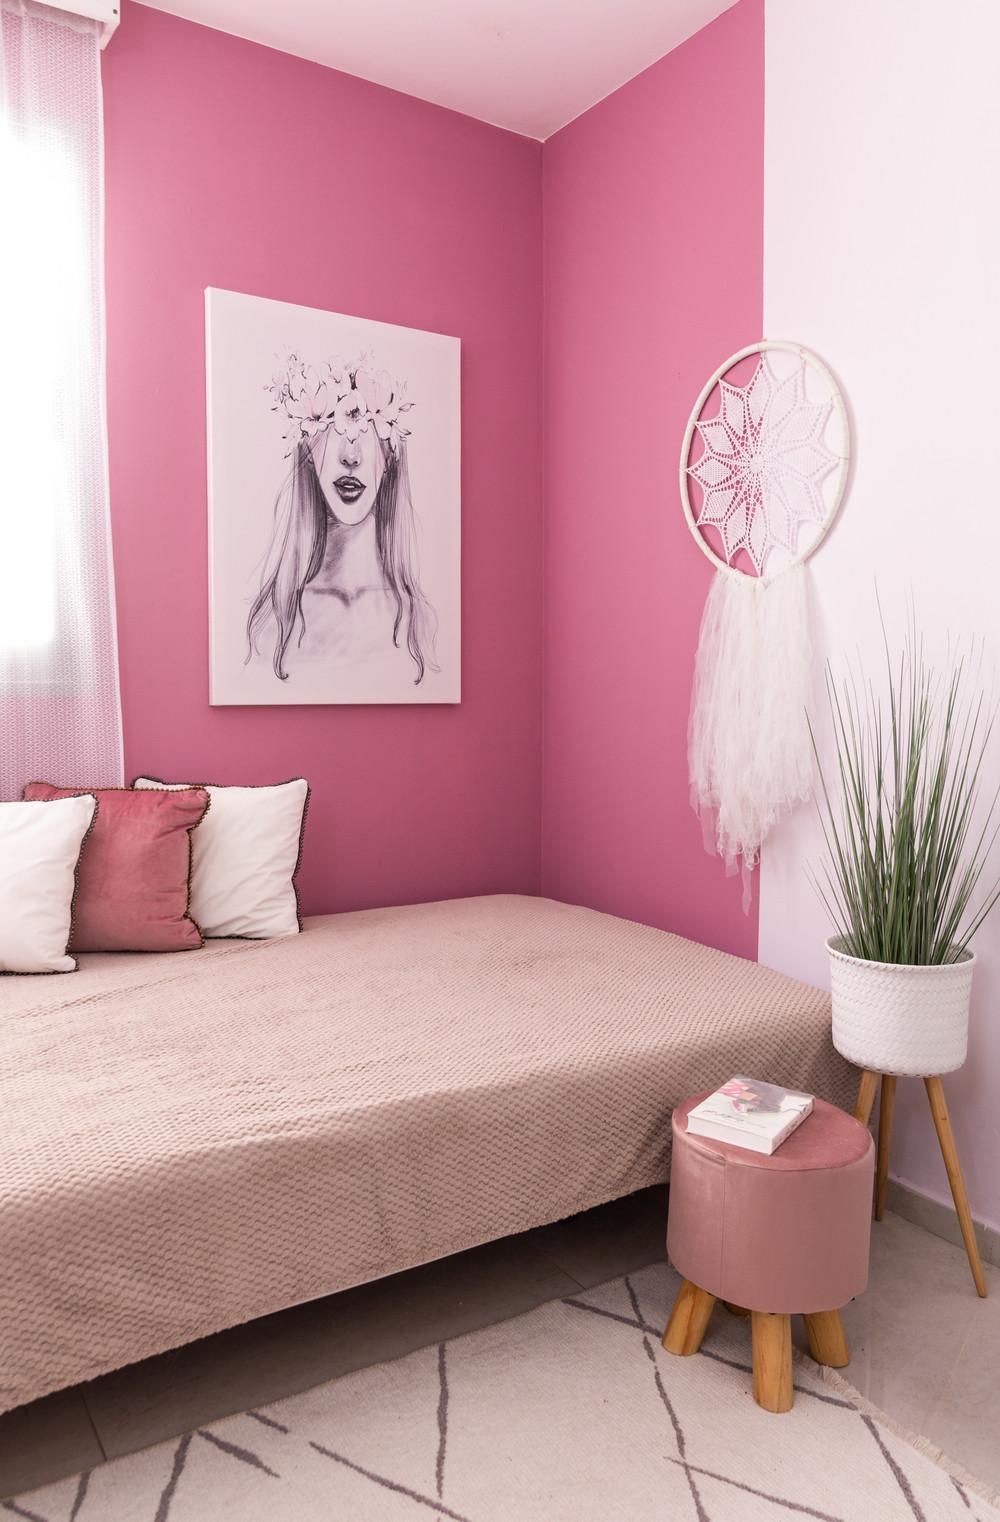 חדר מעוצב לנערה בגוון ורוד וסגול